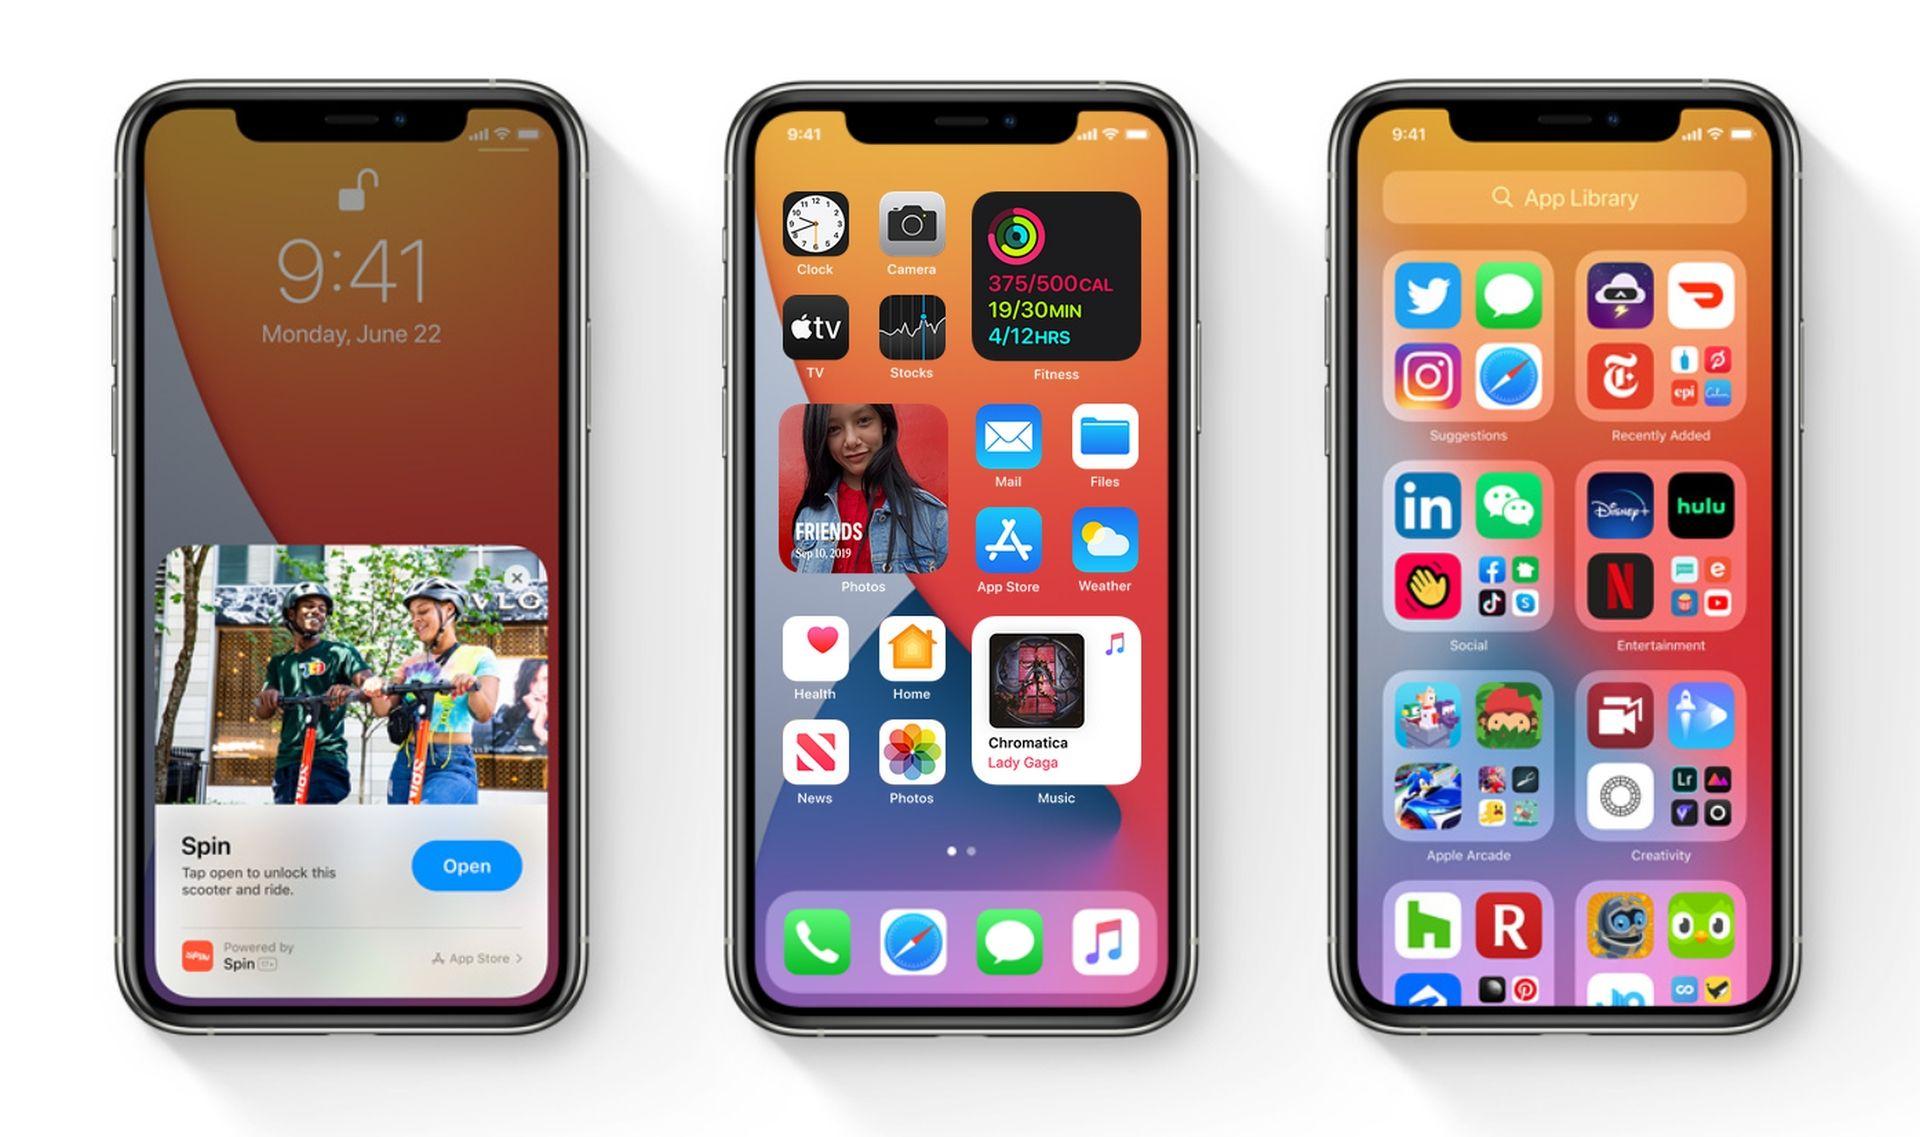 Firma Apple udostępniła aktualizację systemu iOS 14.0.1